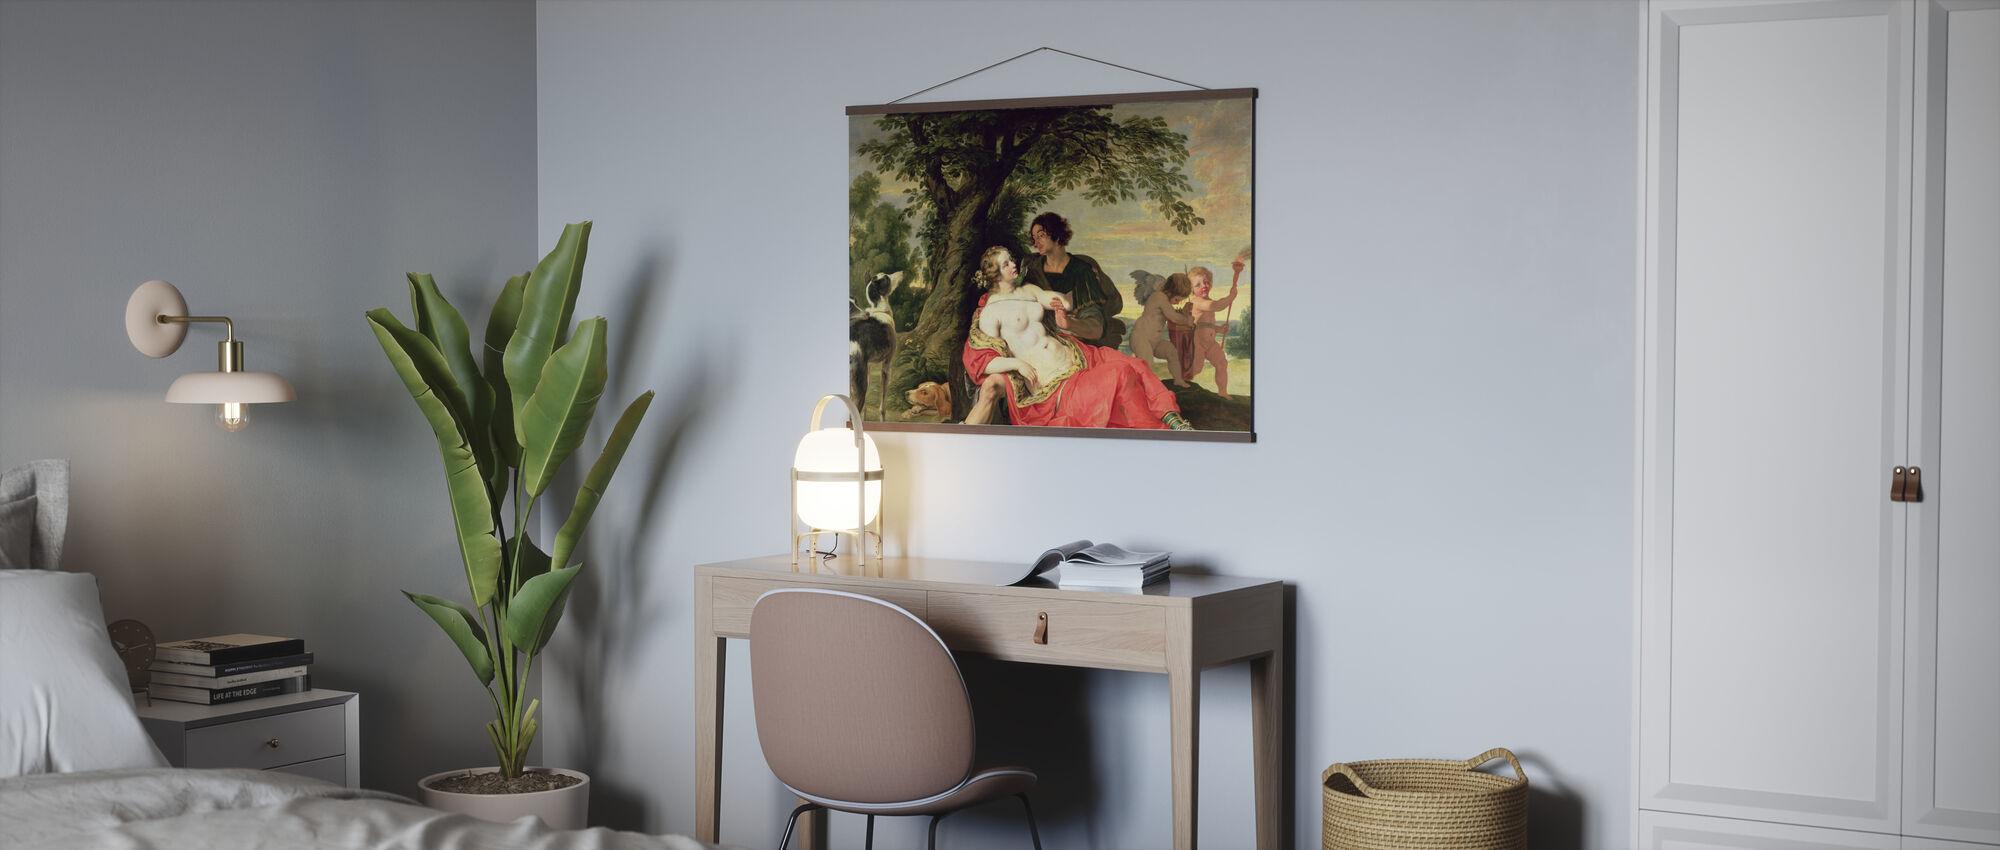 Venus und Adonis - Abraham Janssens - Poster - Büro